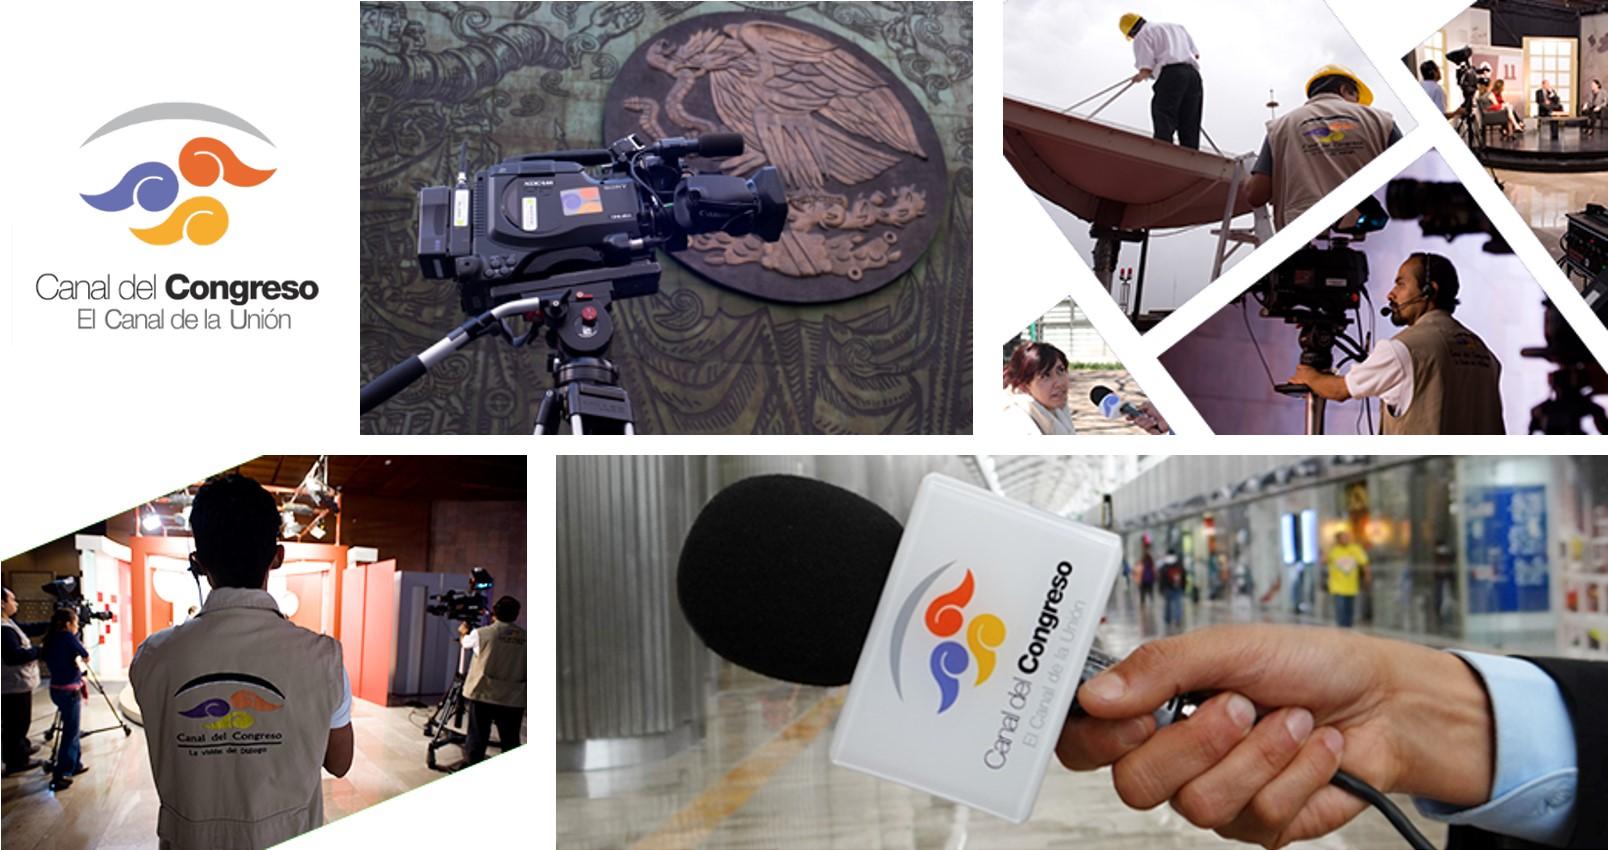 Autonom%C3%ADa+de+Gesti%C3%B3n+Financiera+al+Canal+de+Televisi%C3%B3n+del+Congreso